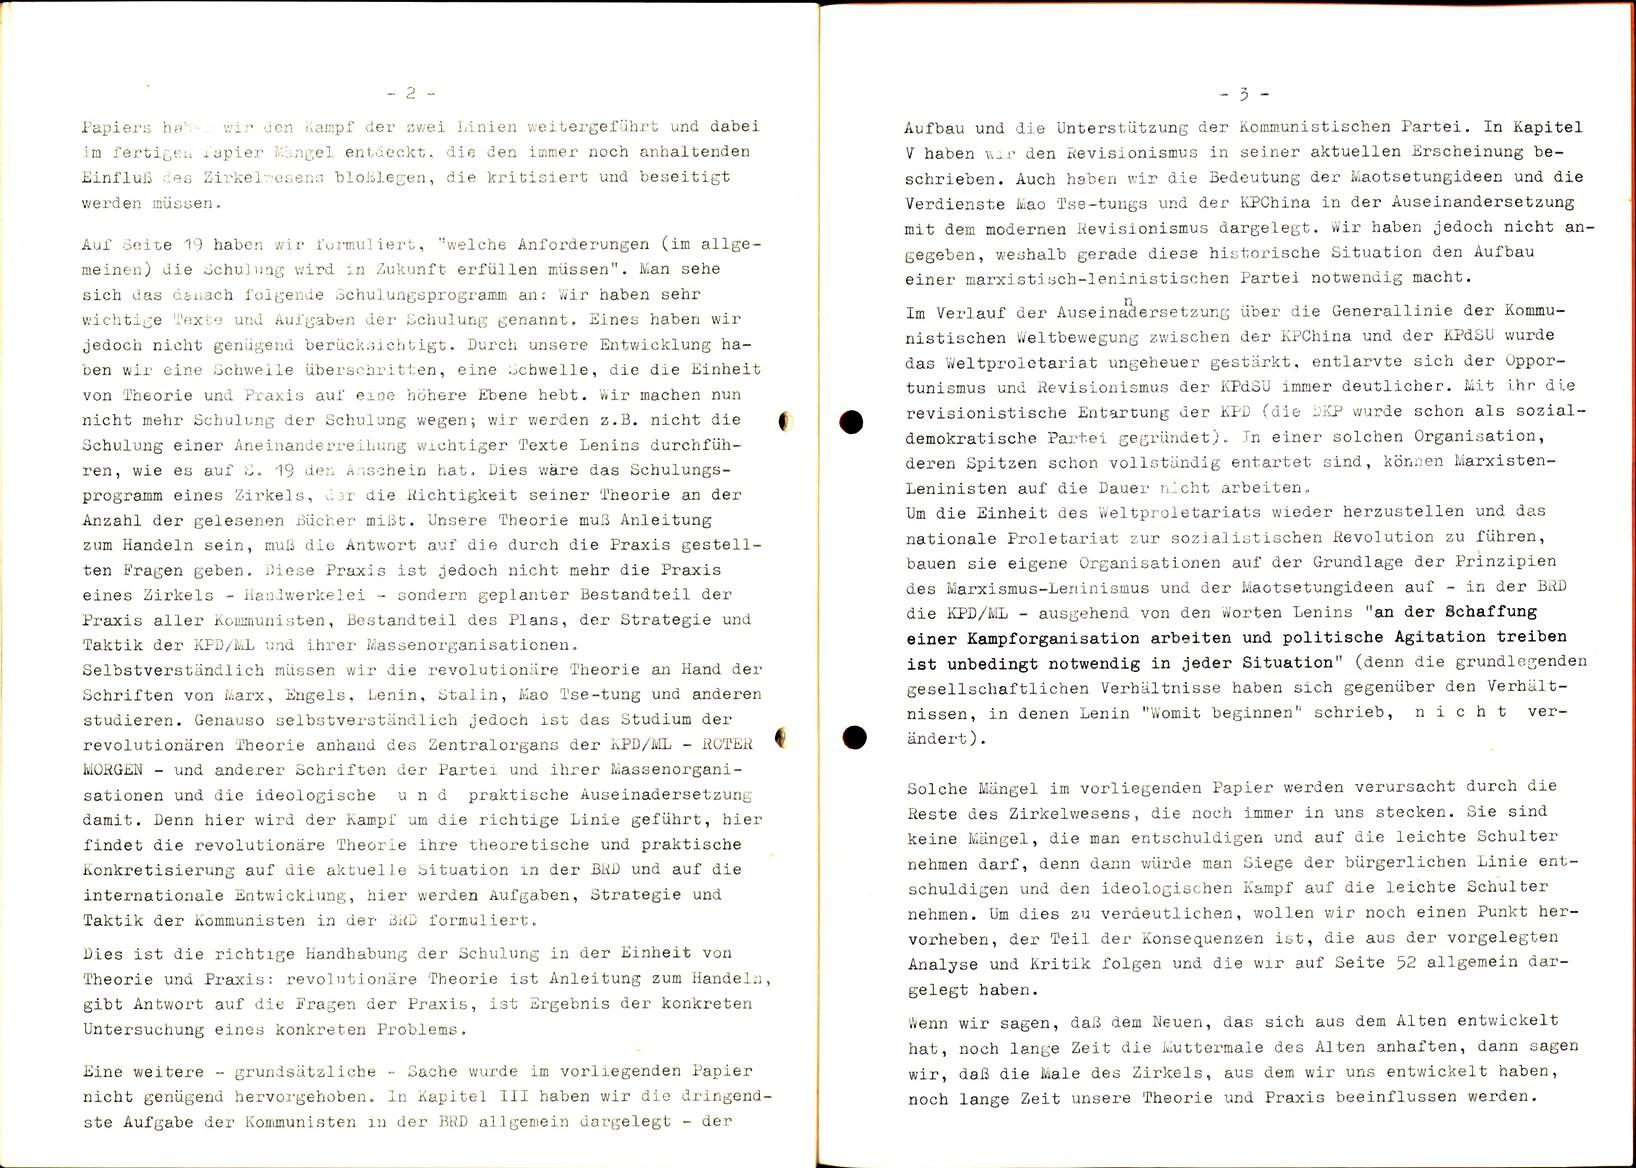 Aachen_KSBML_1971_Selbstkritik_31